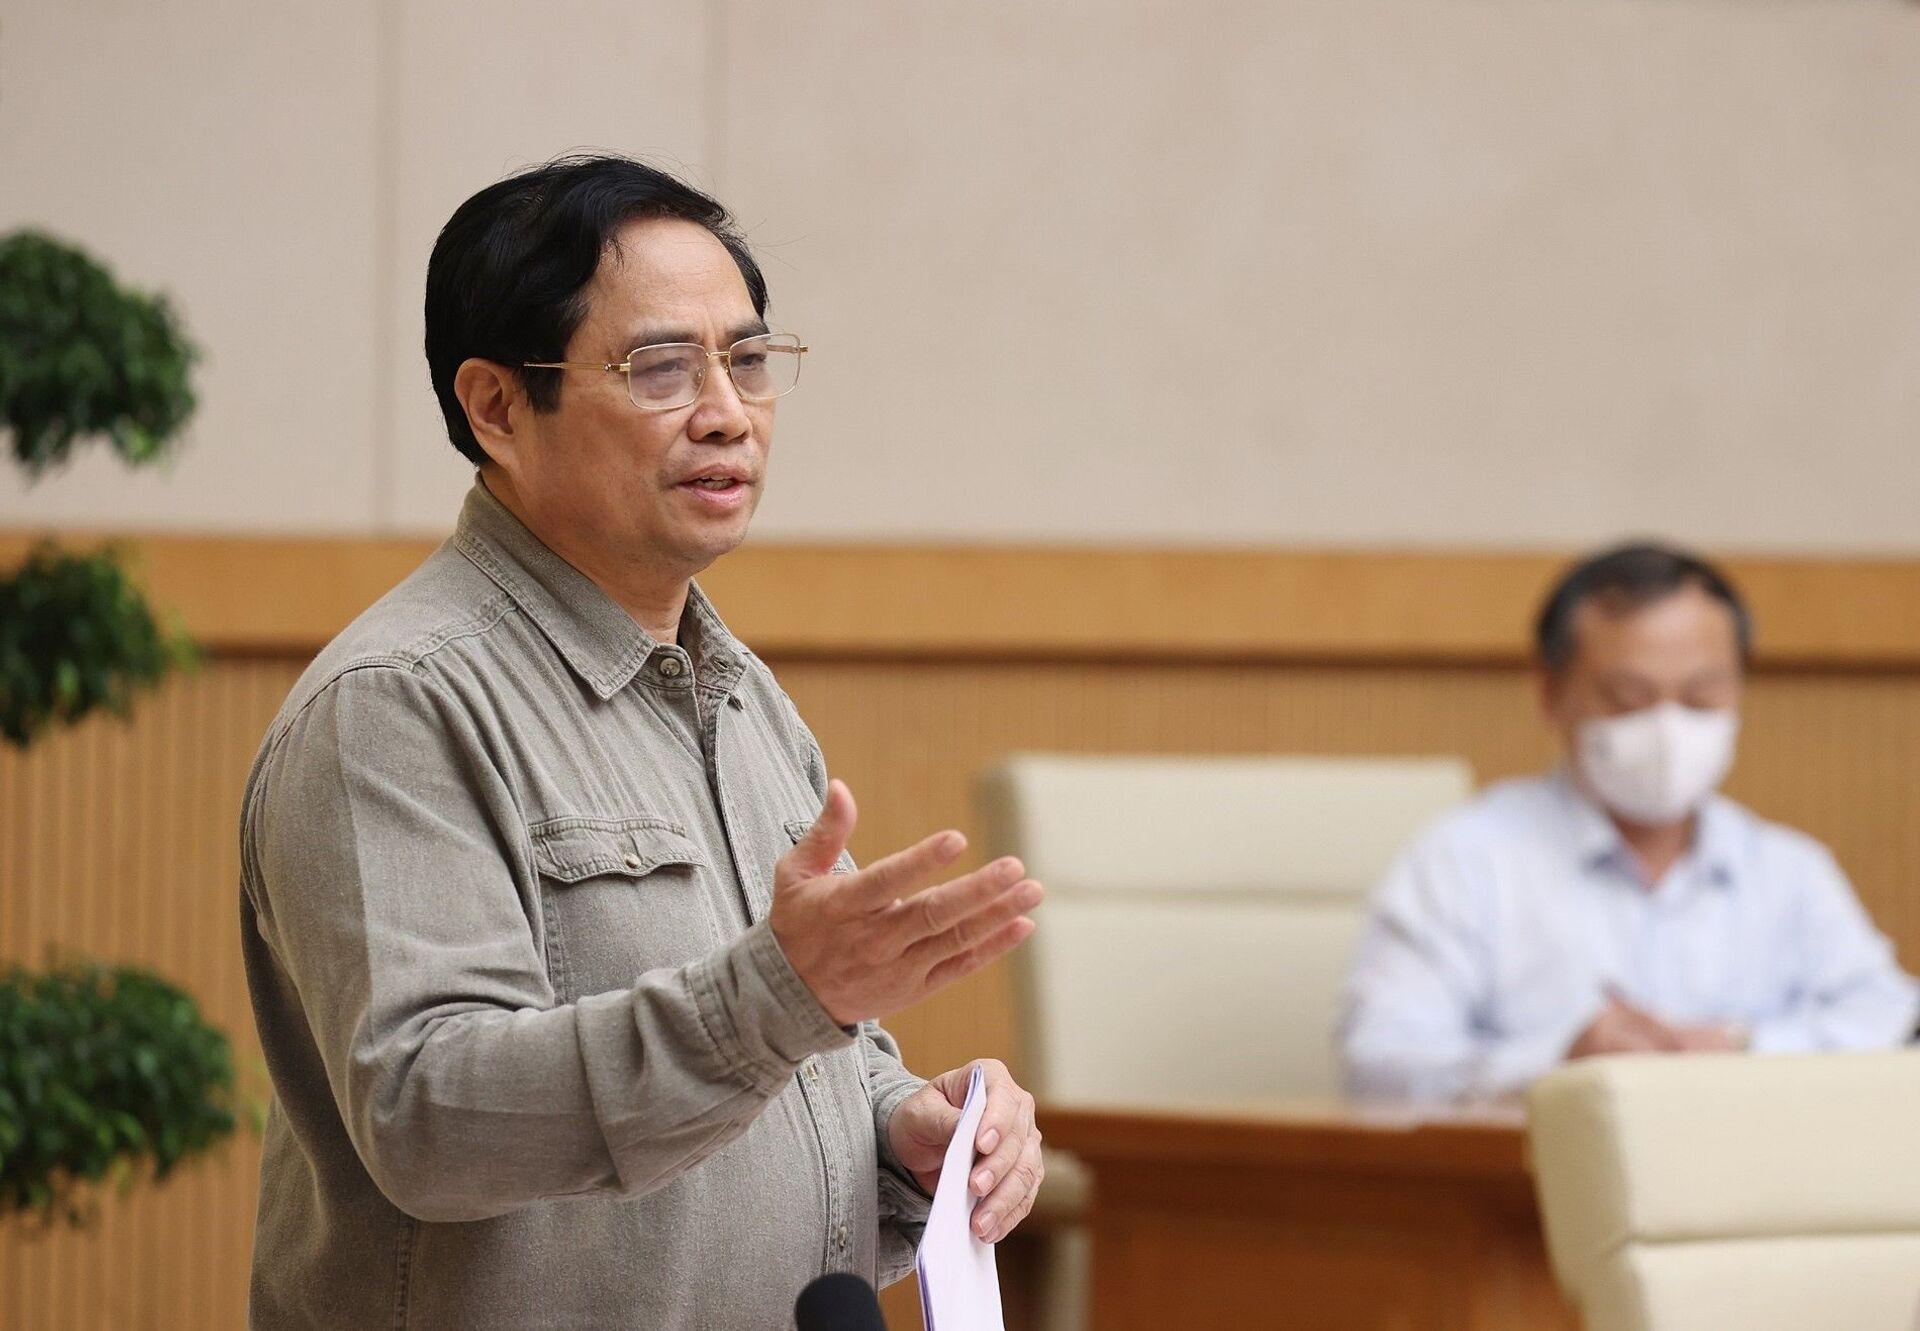 Thủ tướng Phạm Minh Chính chủ trì họp Ban Chỉ đạo Quốc gia phòng, chống dịch COVID-19 - Sputnik Việt Nam, 1920, 05.10.2021